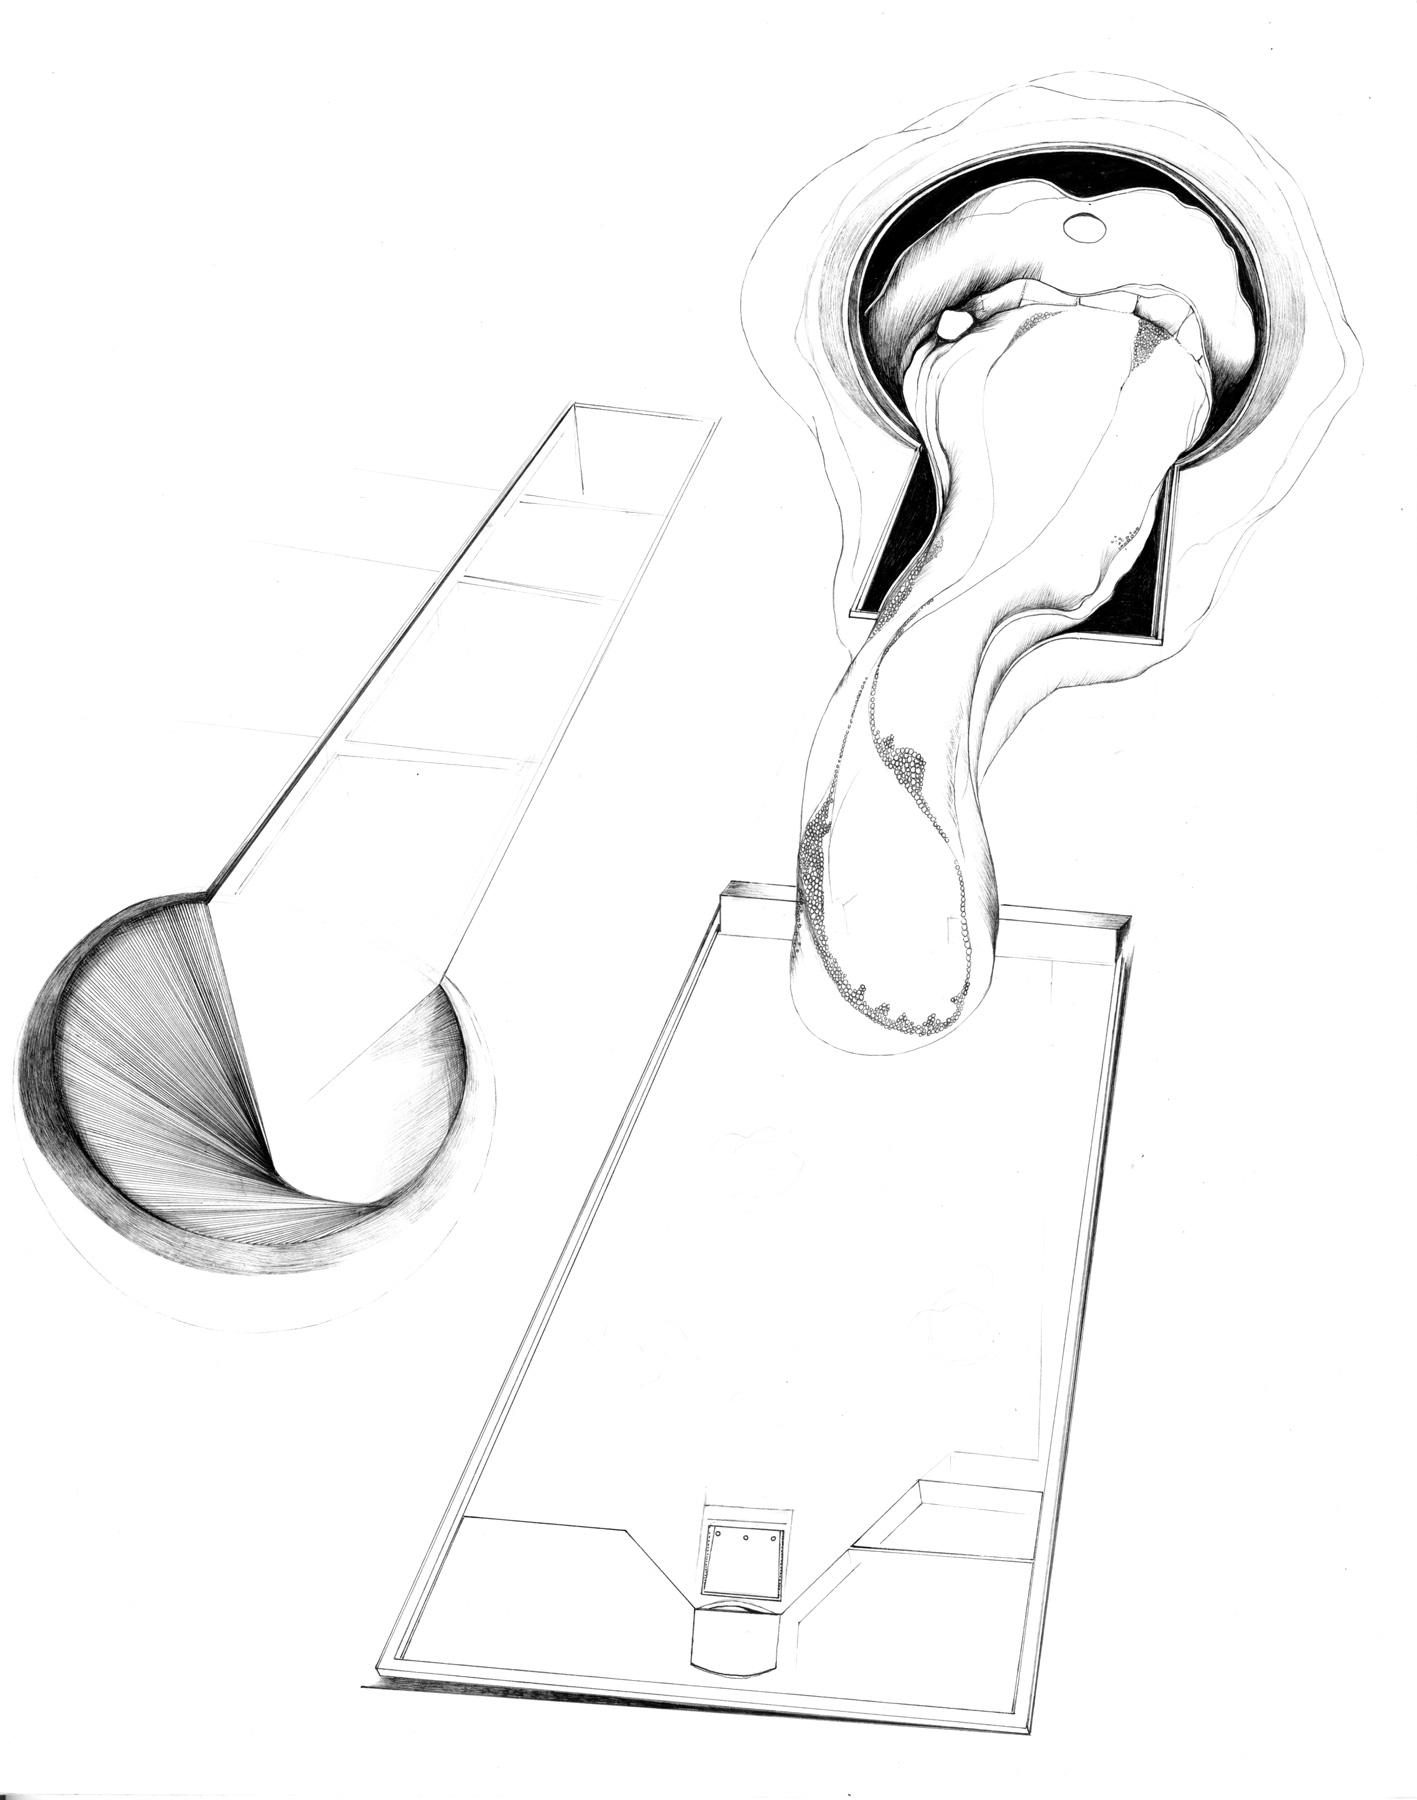 Nina Annabelle Märkl   Desideranten, Desiderate 6   Tusche und Bleistift auf Papier   35,5 x 28 cm   2018